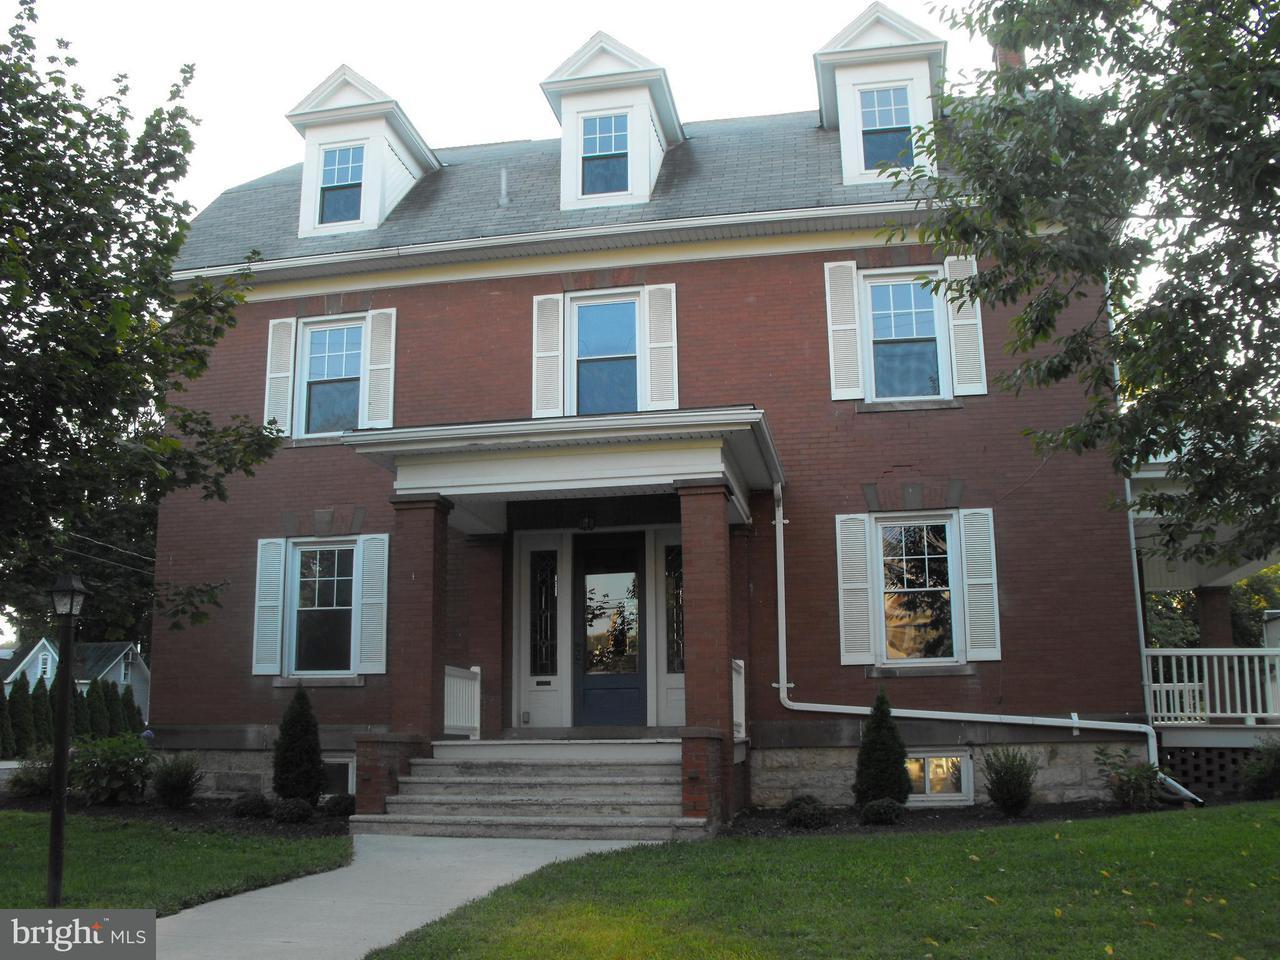 Einfamilienhaus für Verkauf beim 320 Richard St S 320 Richard St S Bedford, Pennsylvanien 15522 Vereinigte Staaten